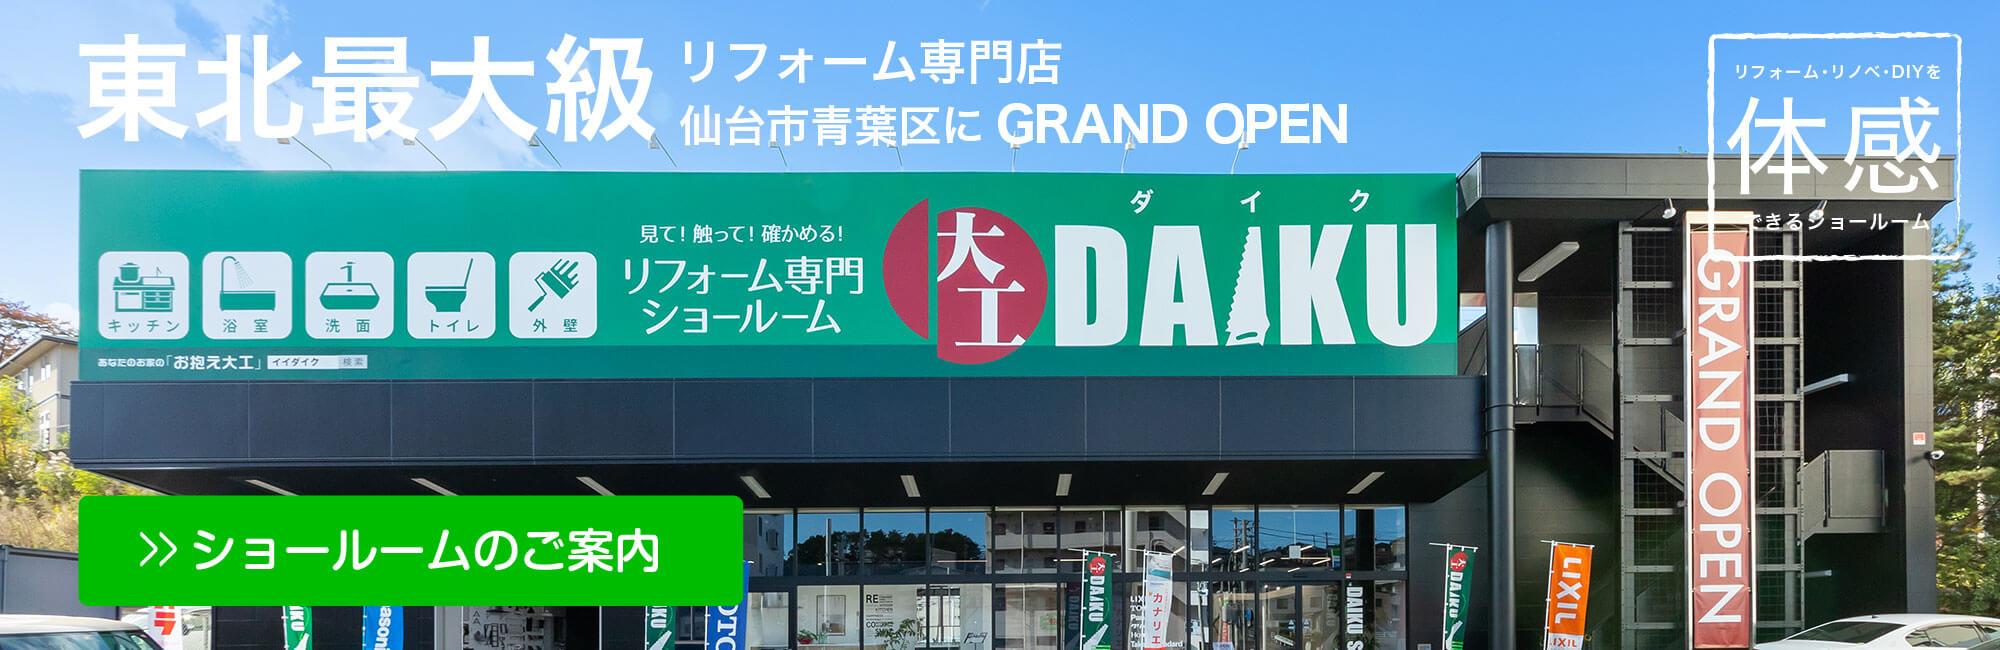 仙台のリフォーム専門店ダイク 東北最大級のショールーム